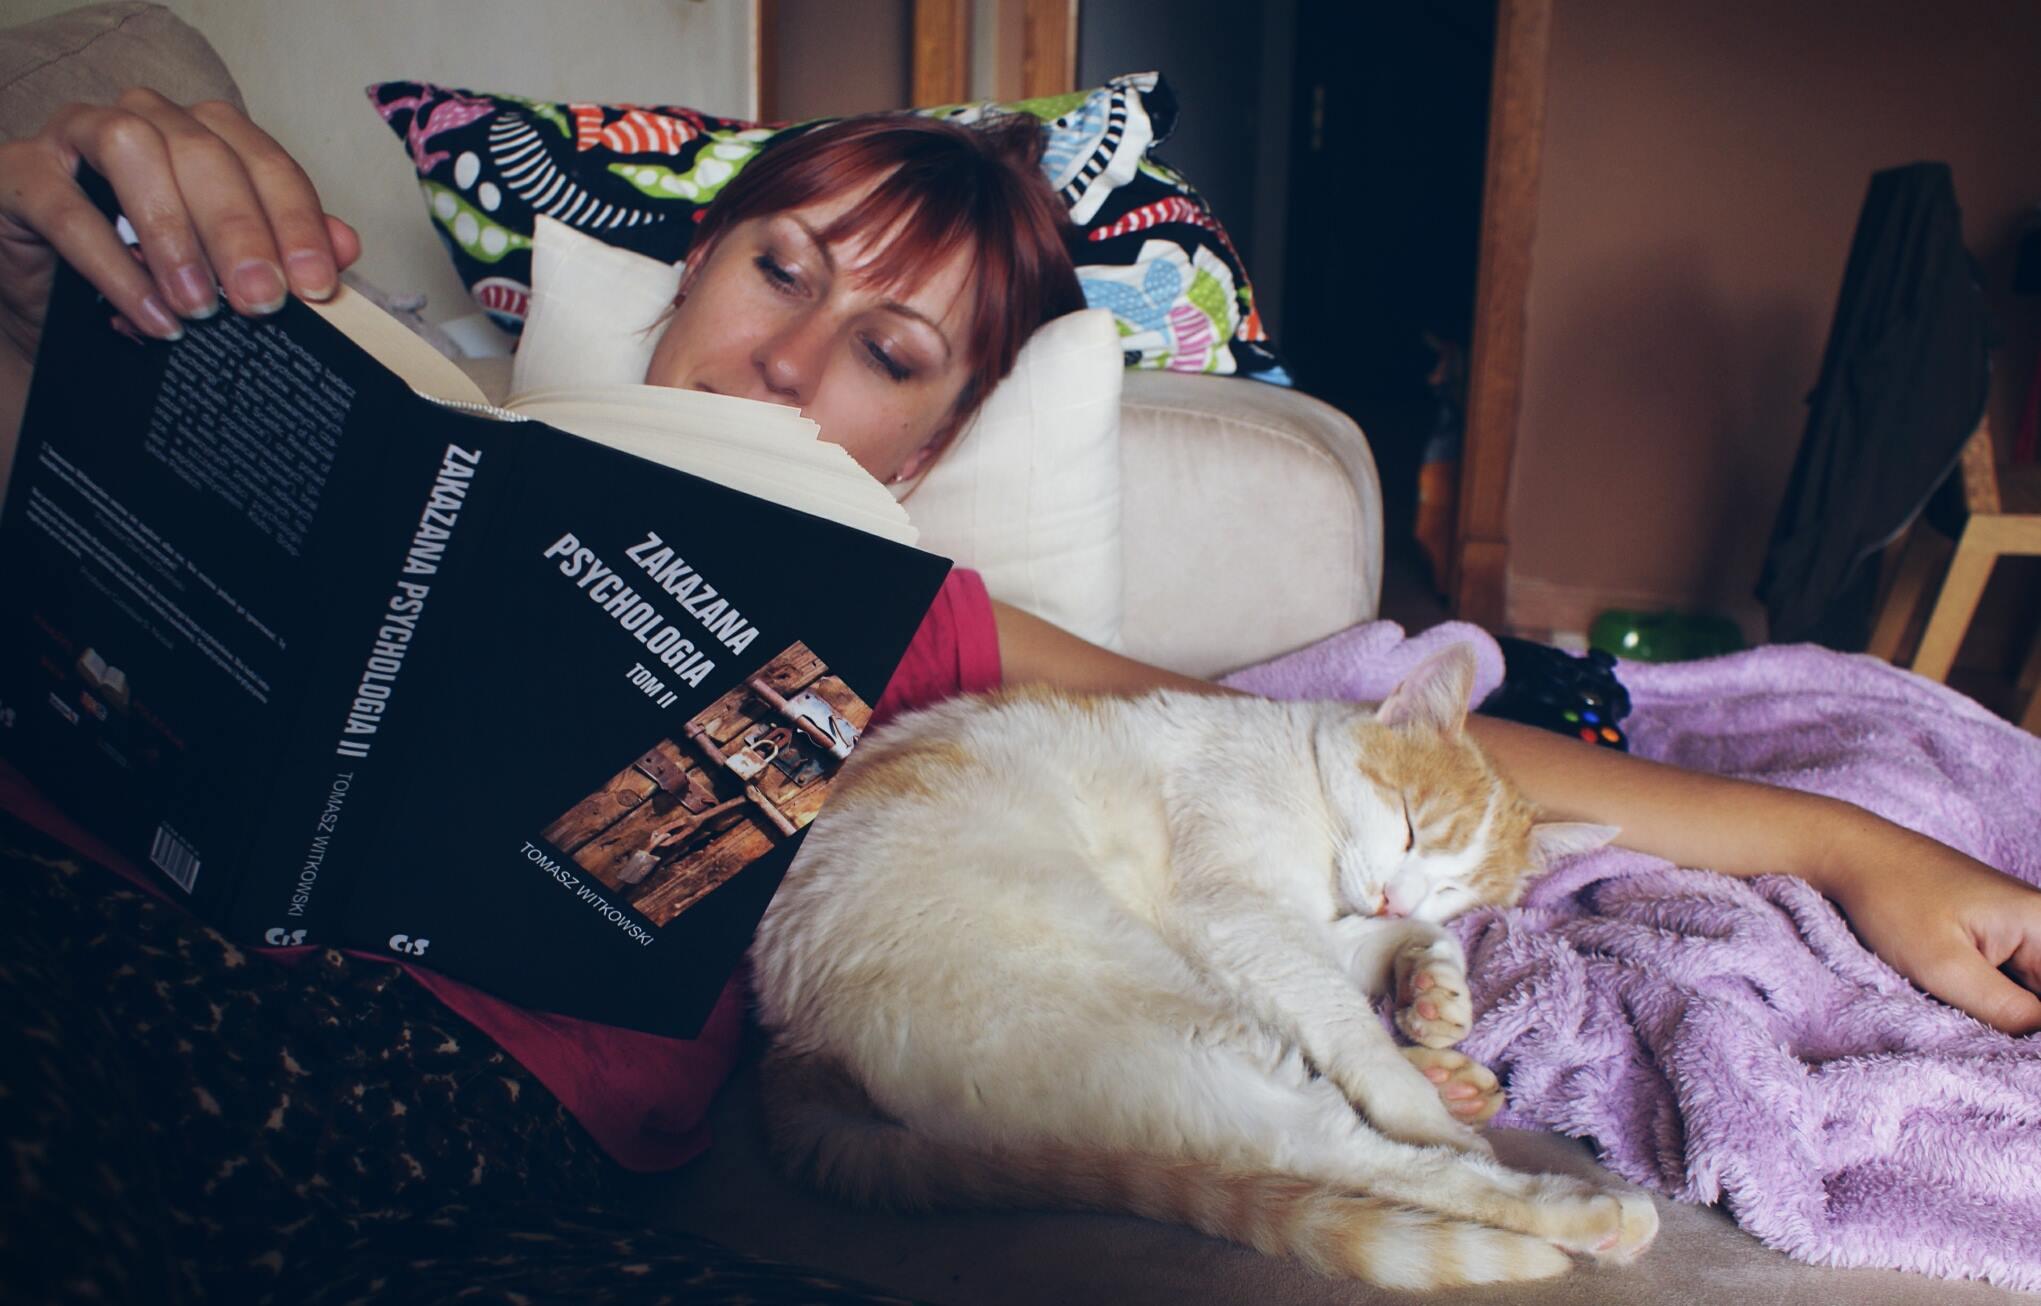 Ja czytająca książkę z kotem.